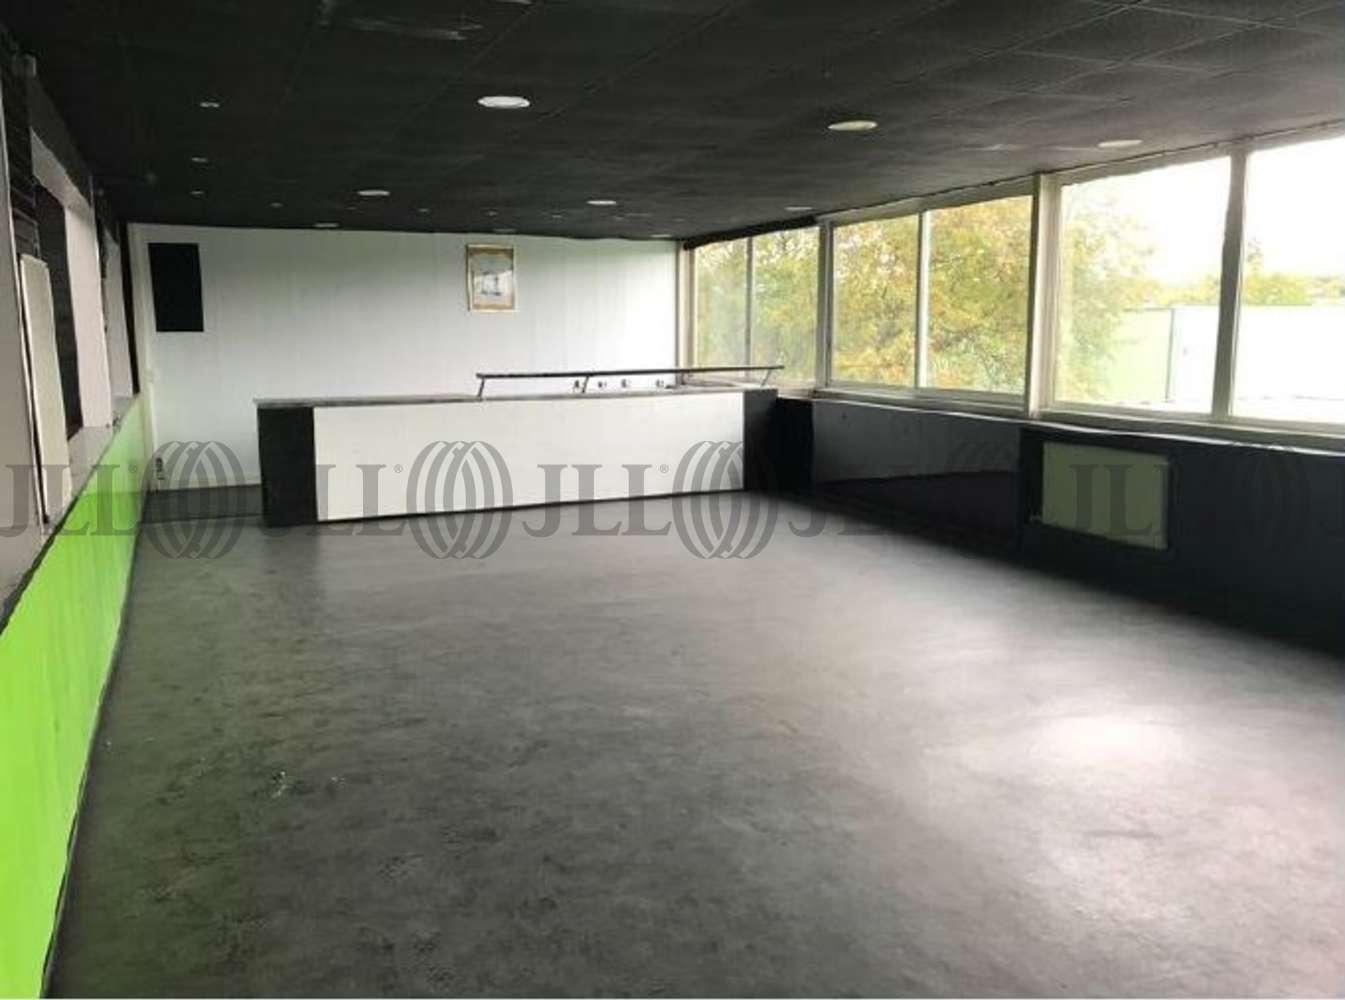 Activités/entrepôt Beauchamp, 95250 - 200 CHAUSSEE JULES CESAR - 9450257